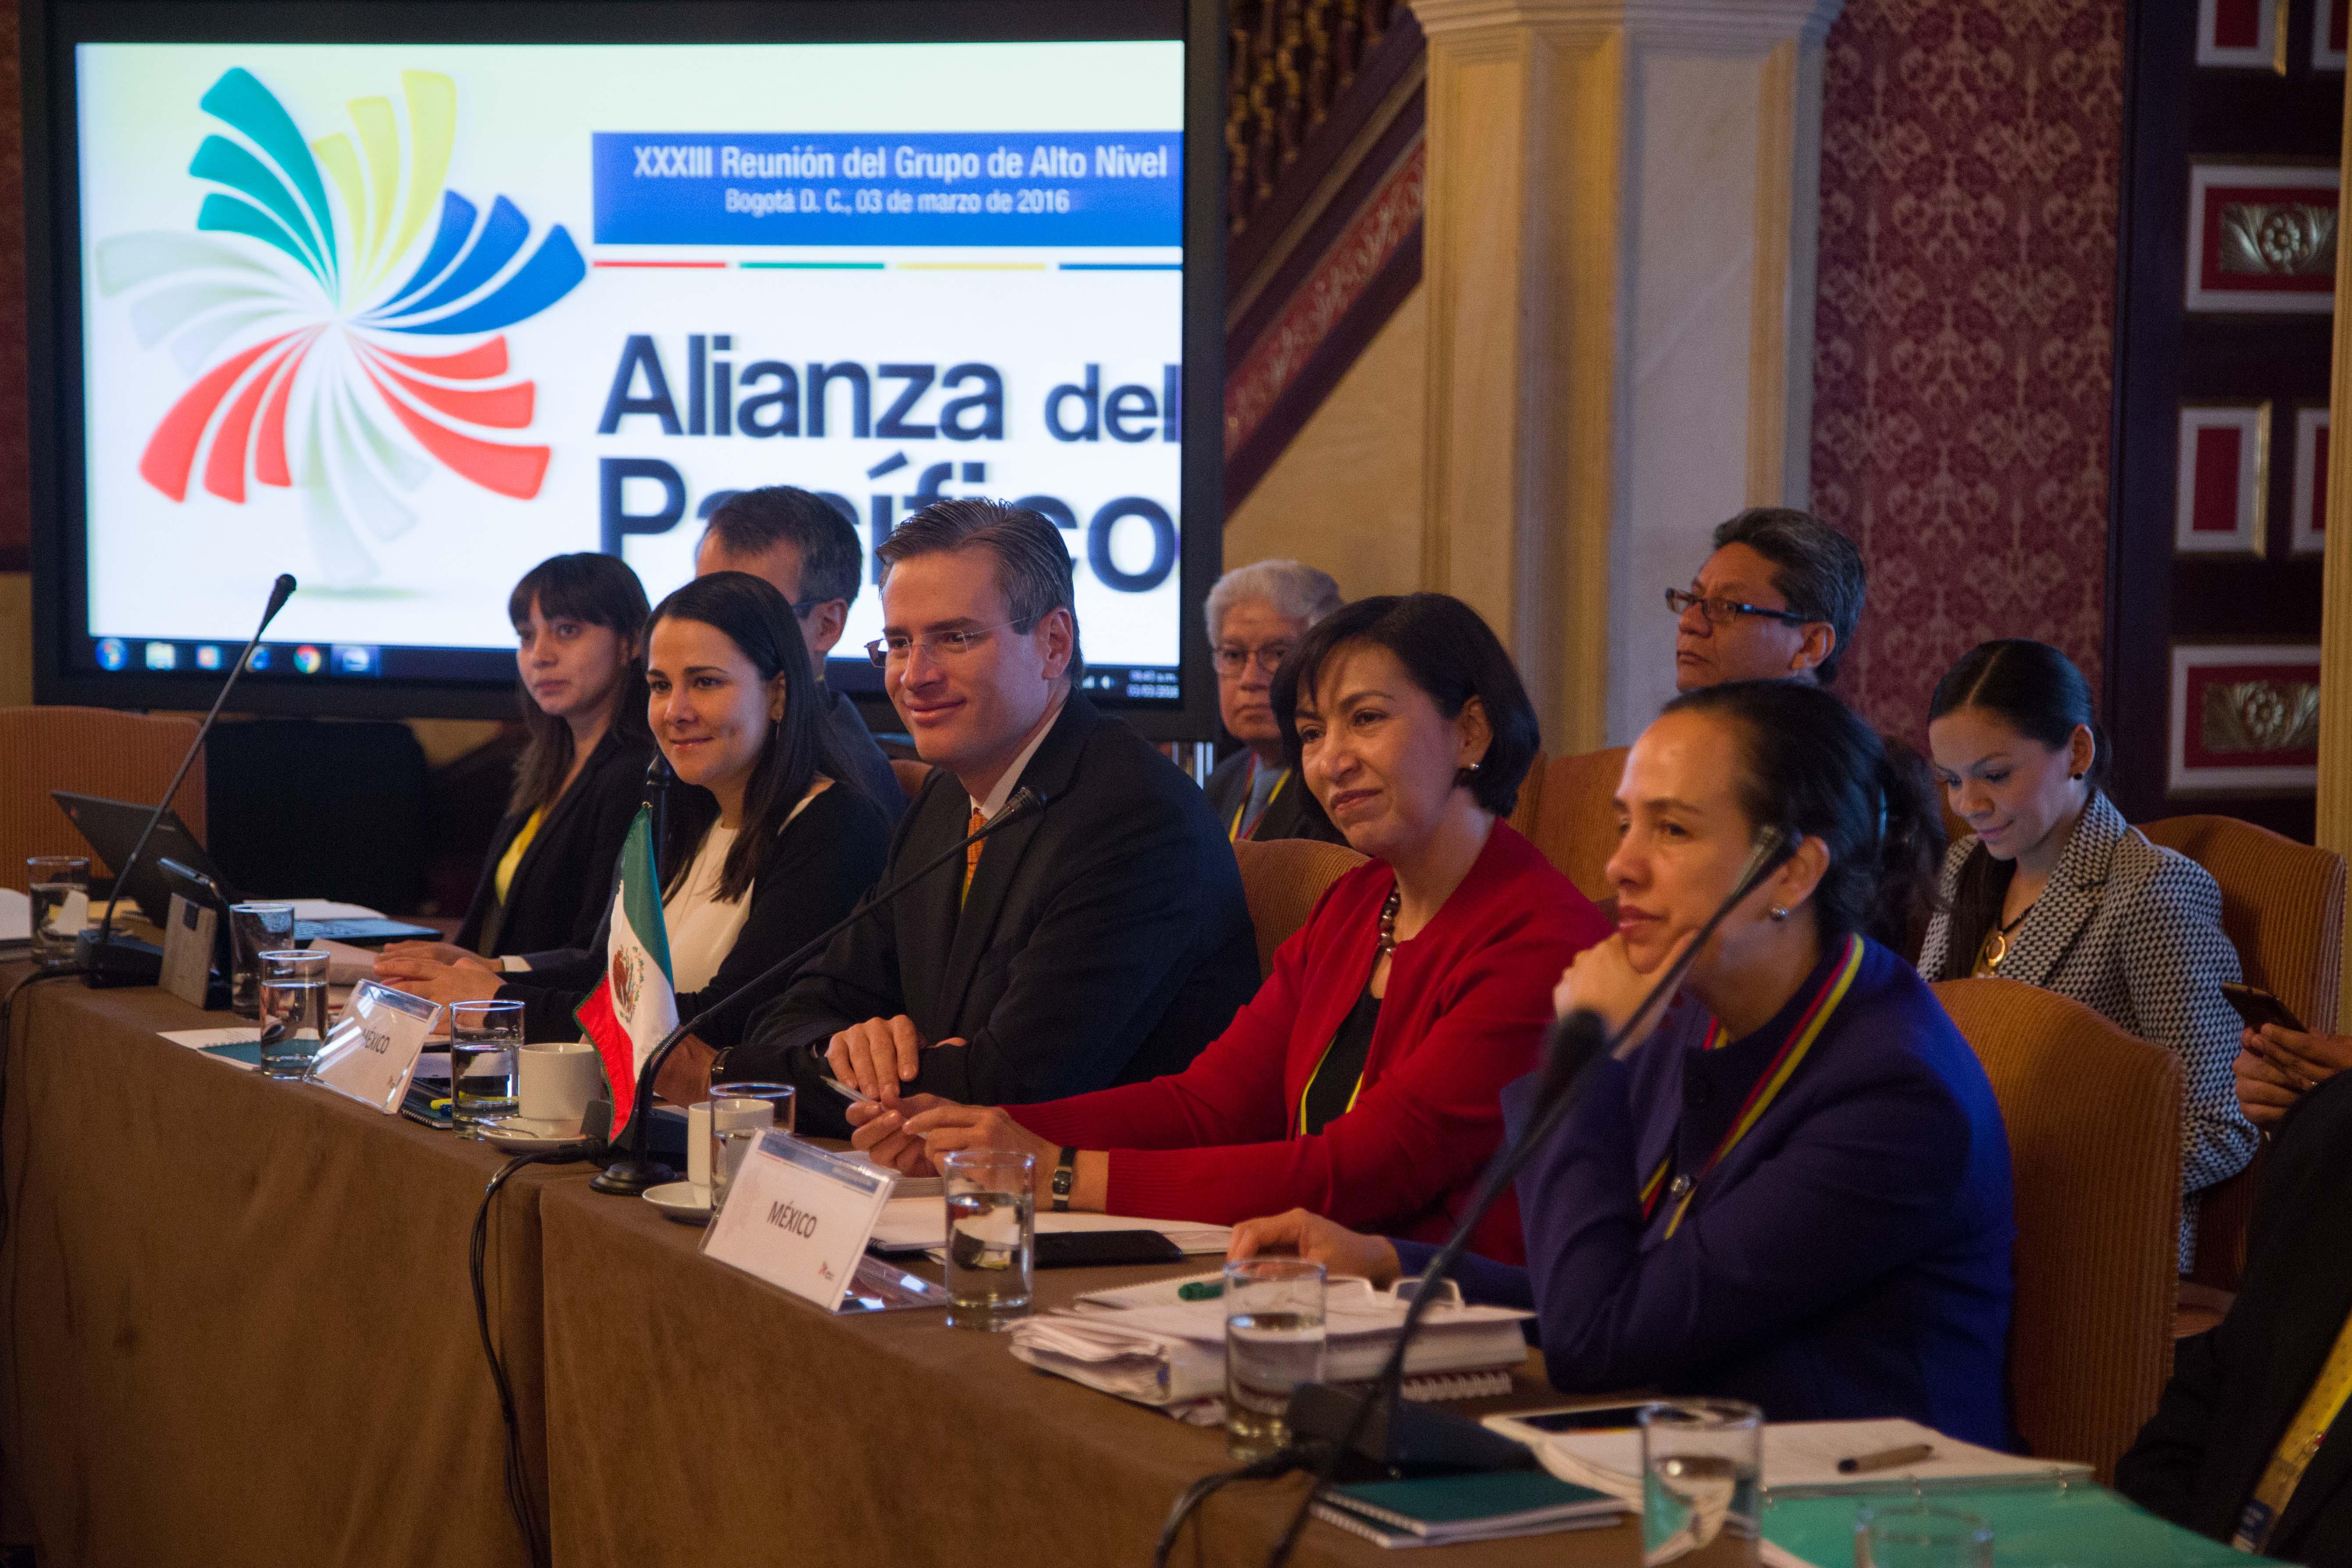 FOTO 2 Se realiz  en Bogot  la XXXIII reuni n de Viceministros de la Alianza del Pac ficojpg